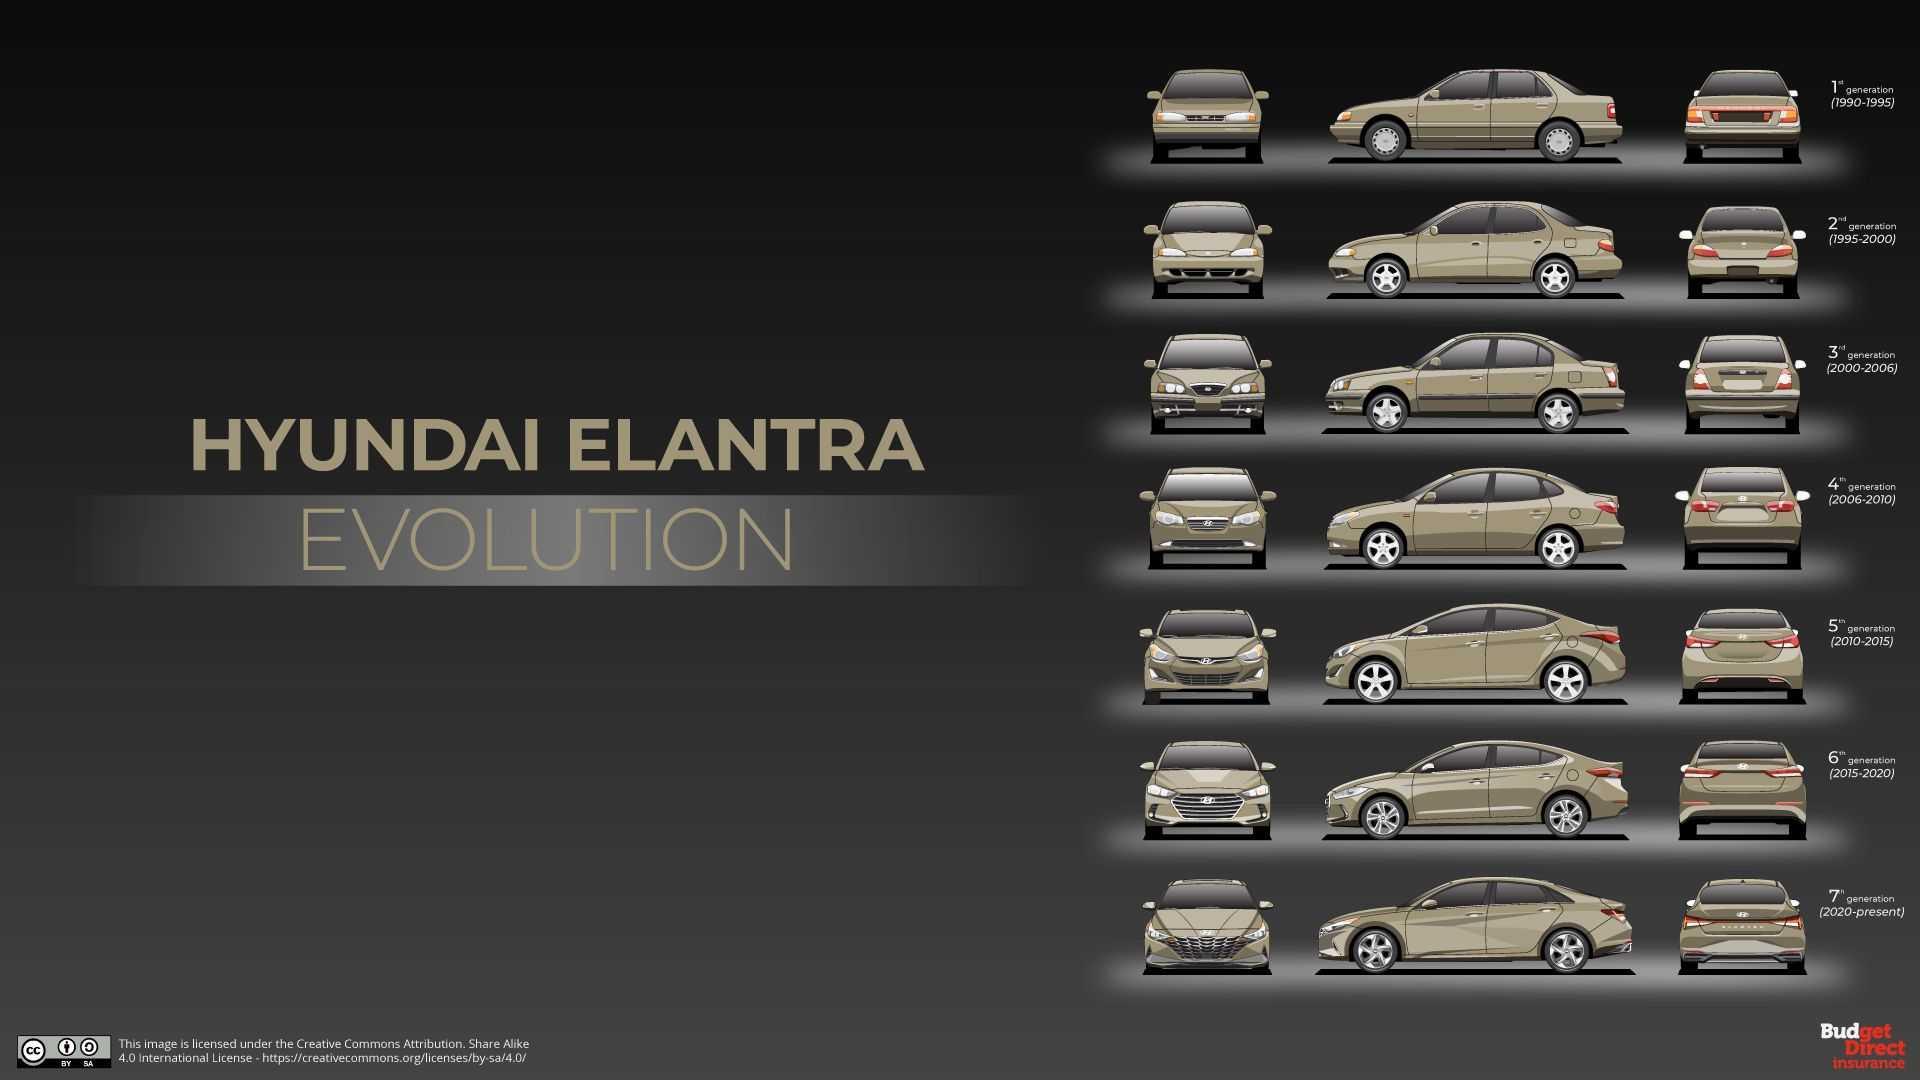 the evolution of hyundai elantra